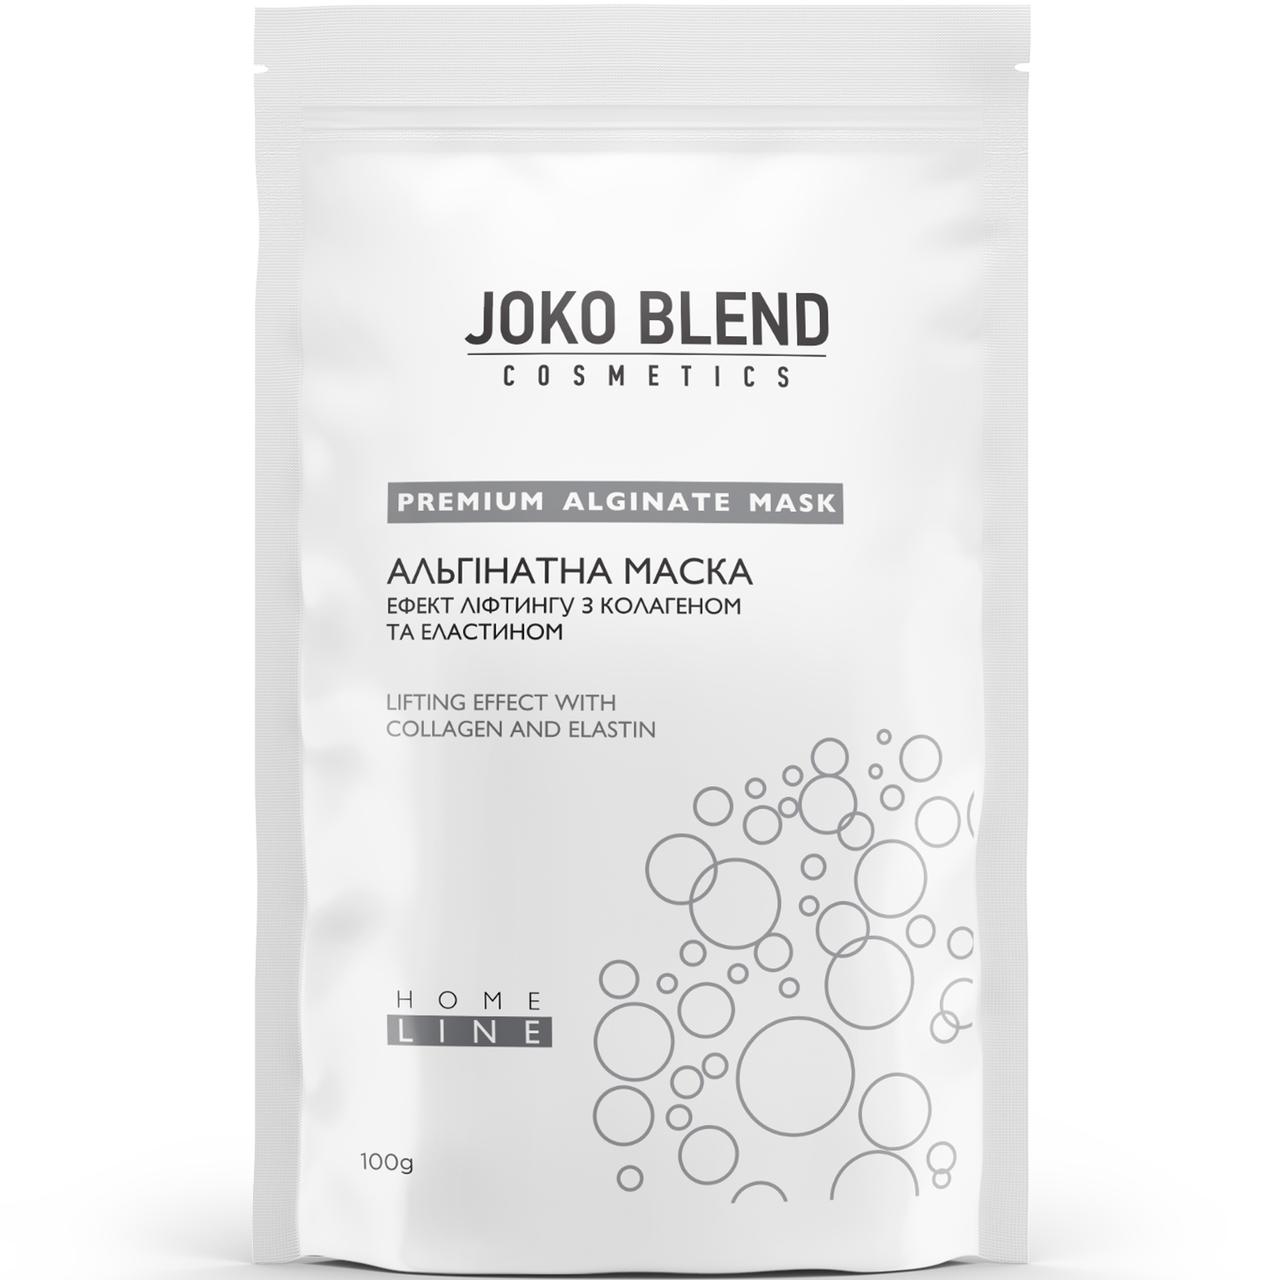 Альгинатная маска Joko Blend эффект лифтинга с коллагеном и эластином, 100 г